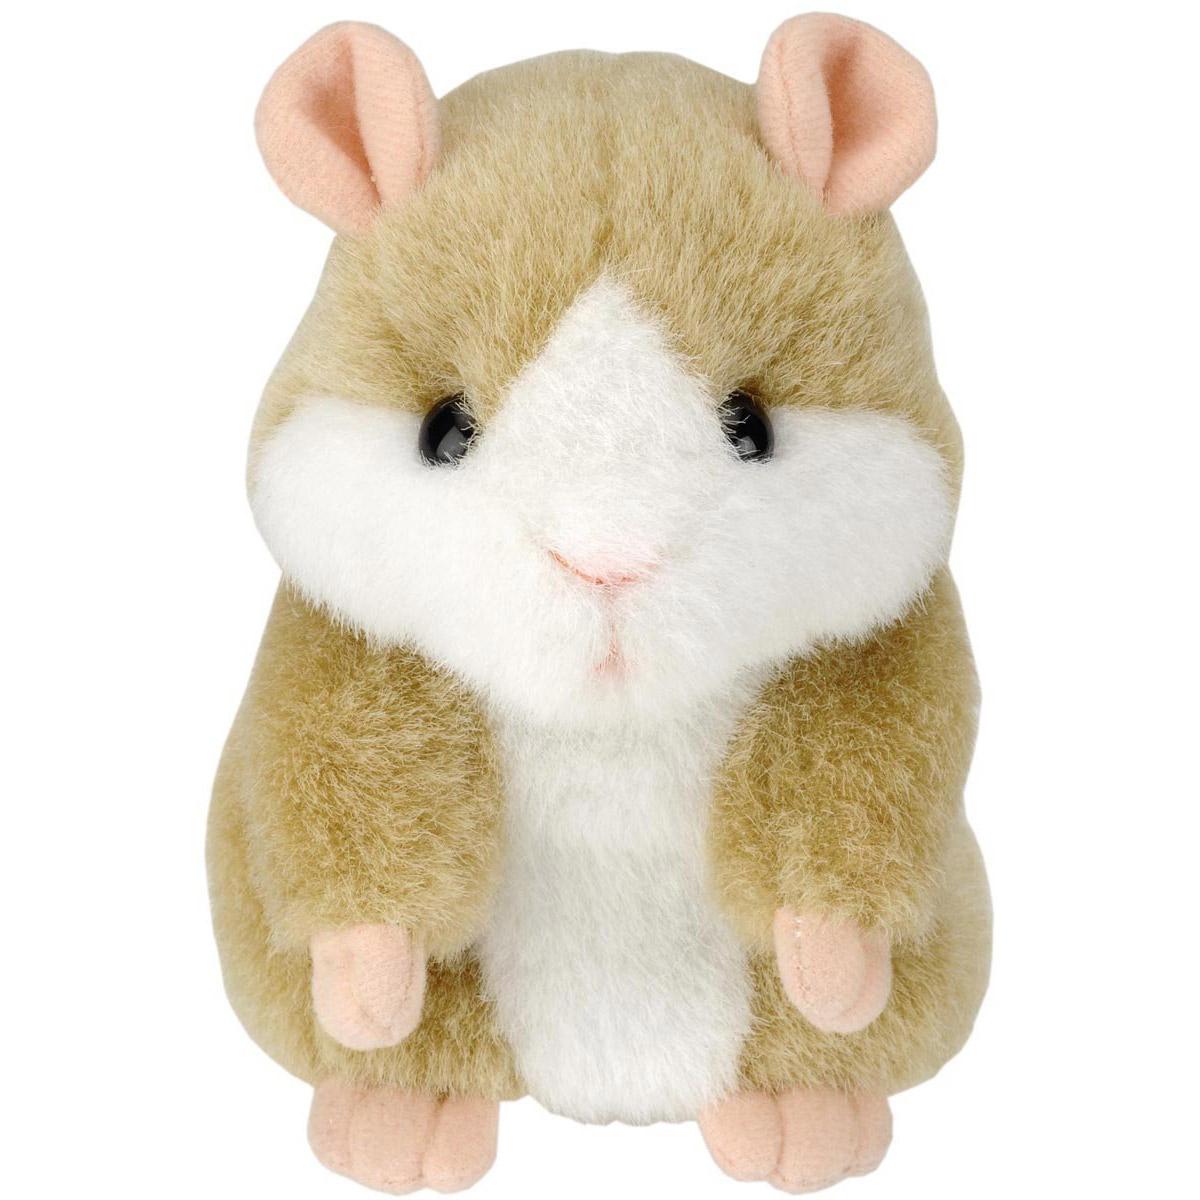 Jouet Hamster parlant (répète ce que vous dites)